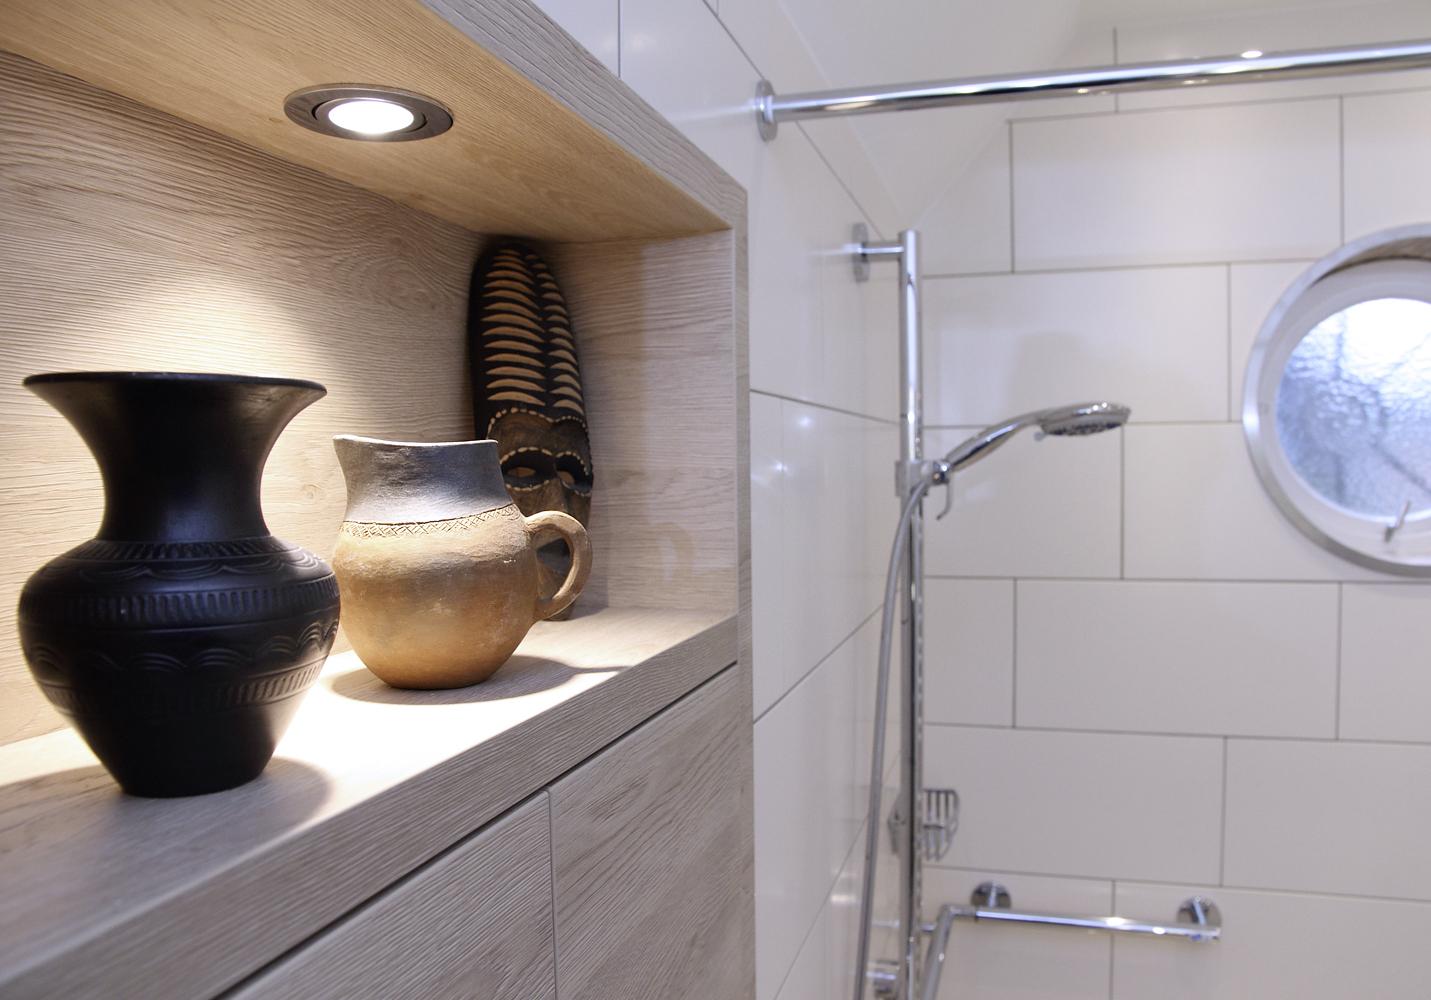 Beleuchtetes Einbauregal aus Holz über dem WC mit Ablagefach und Regaltüren.